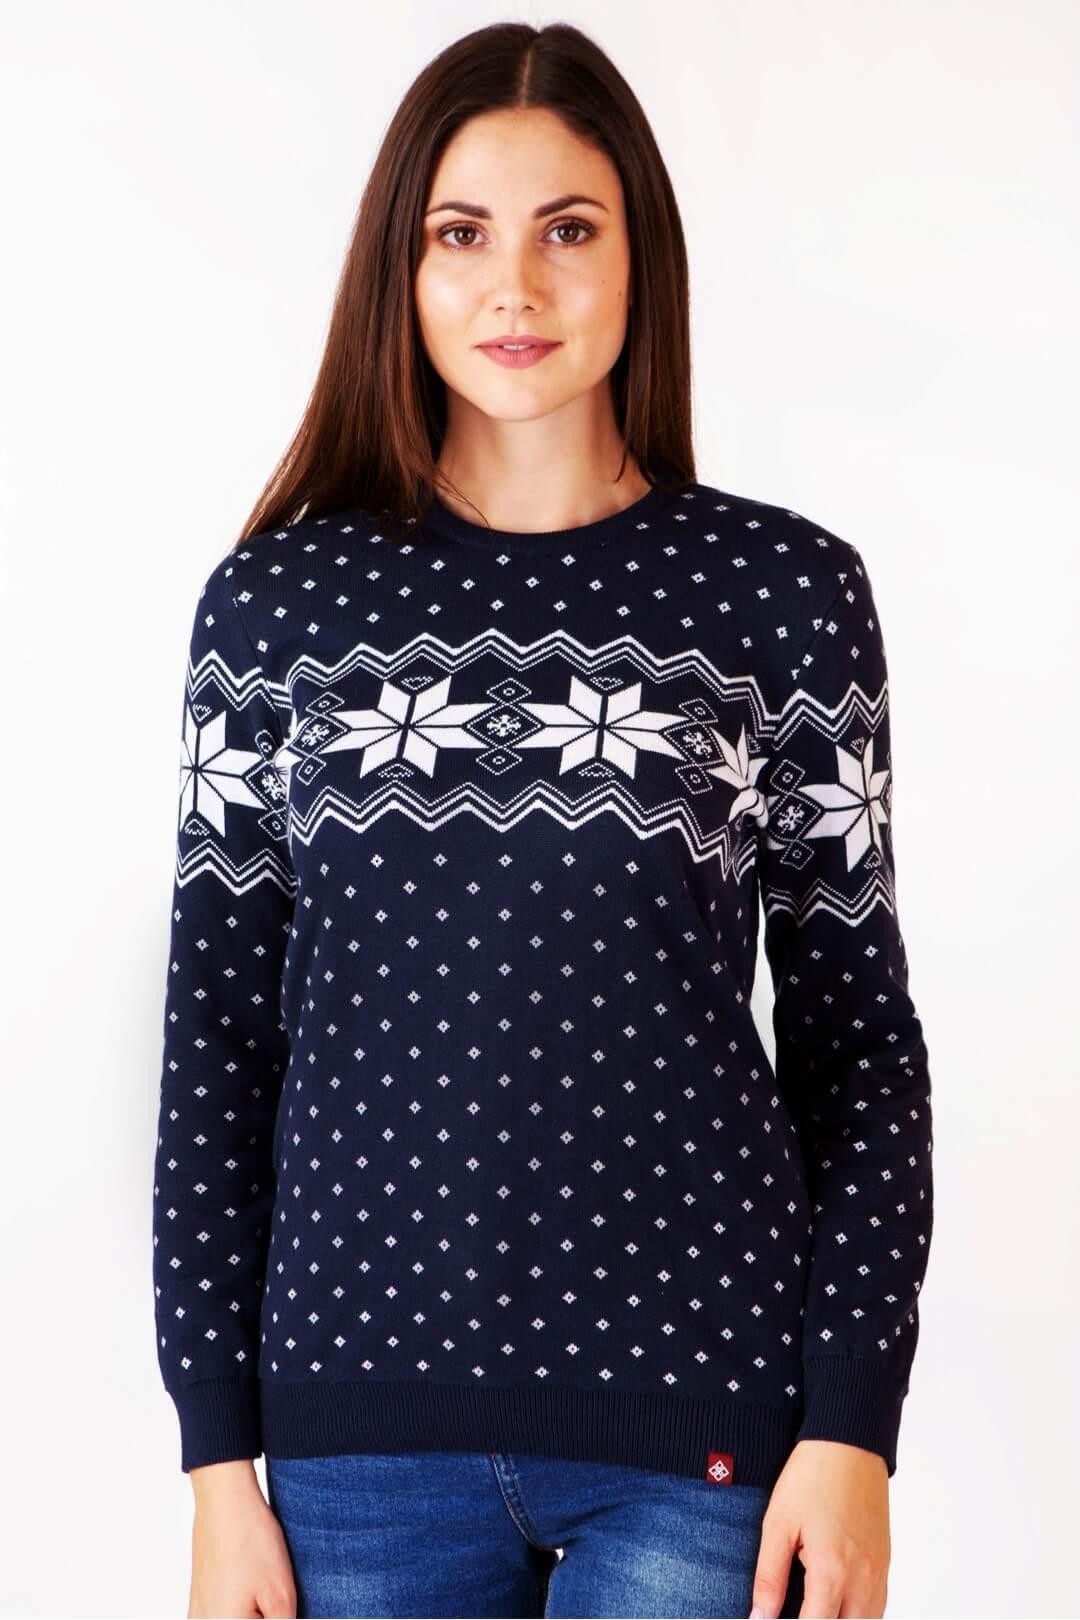 Жіночий в'язаний светр Алатир BB мод.6204